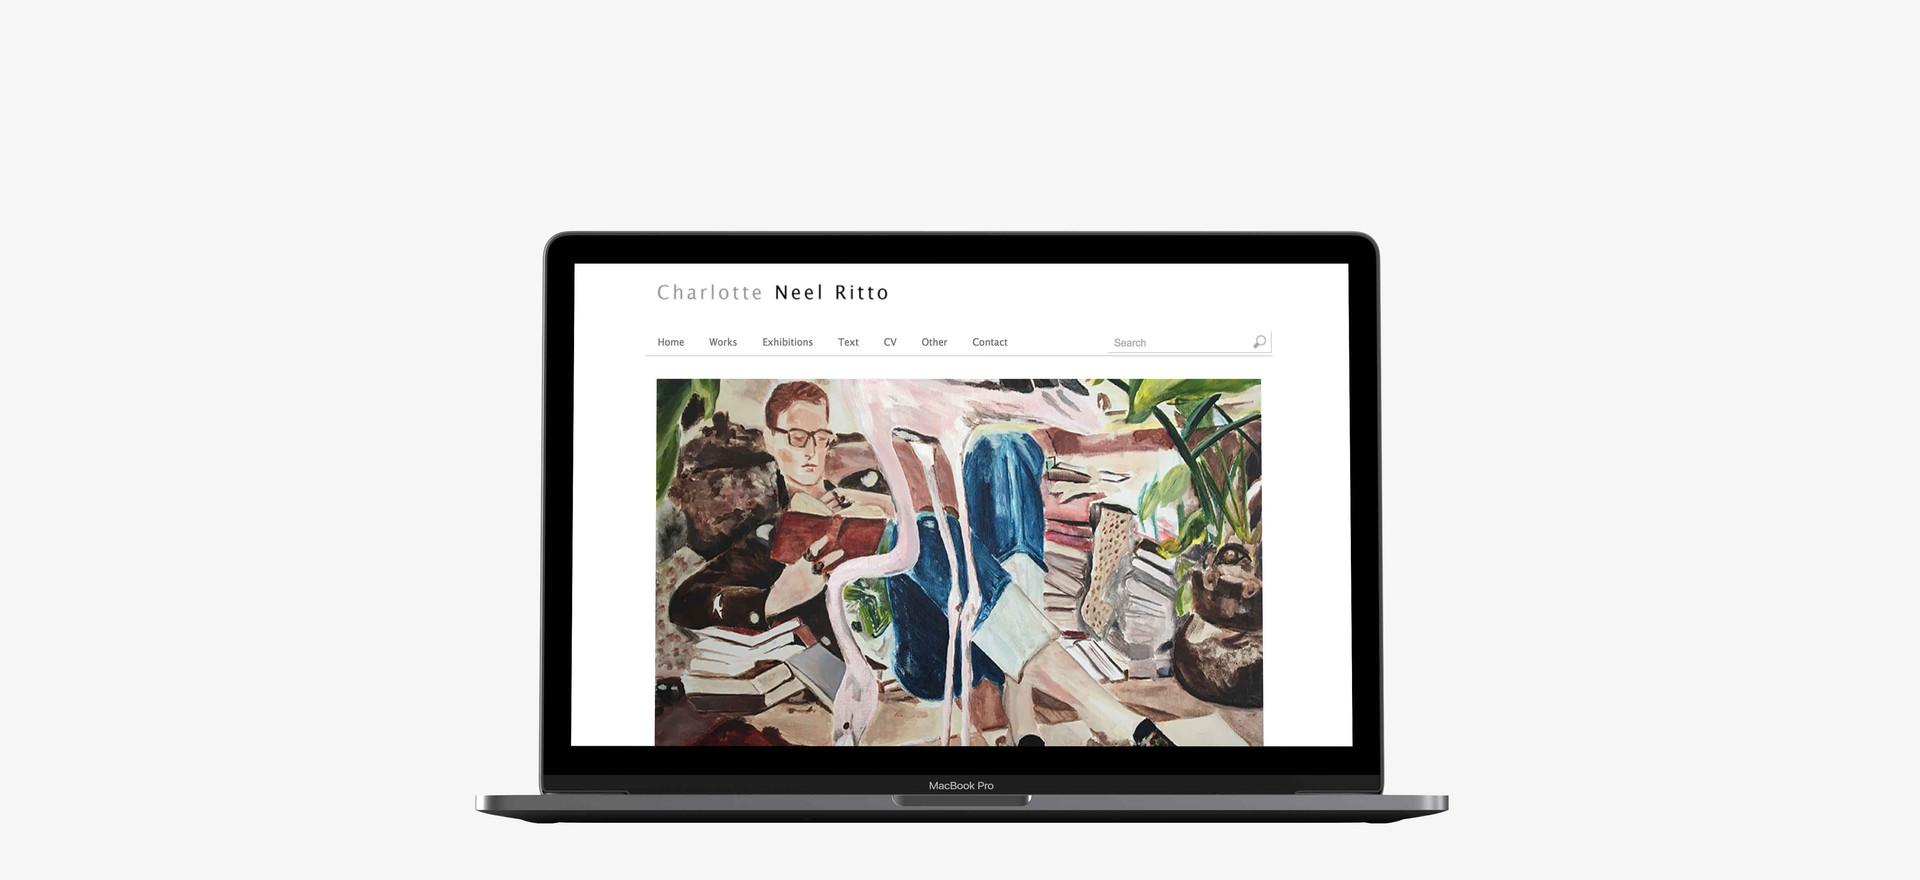 Charlotte Neel Ritto. Hjemmeside til kunstner.  Billedet linker til hjemmesiden.